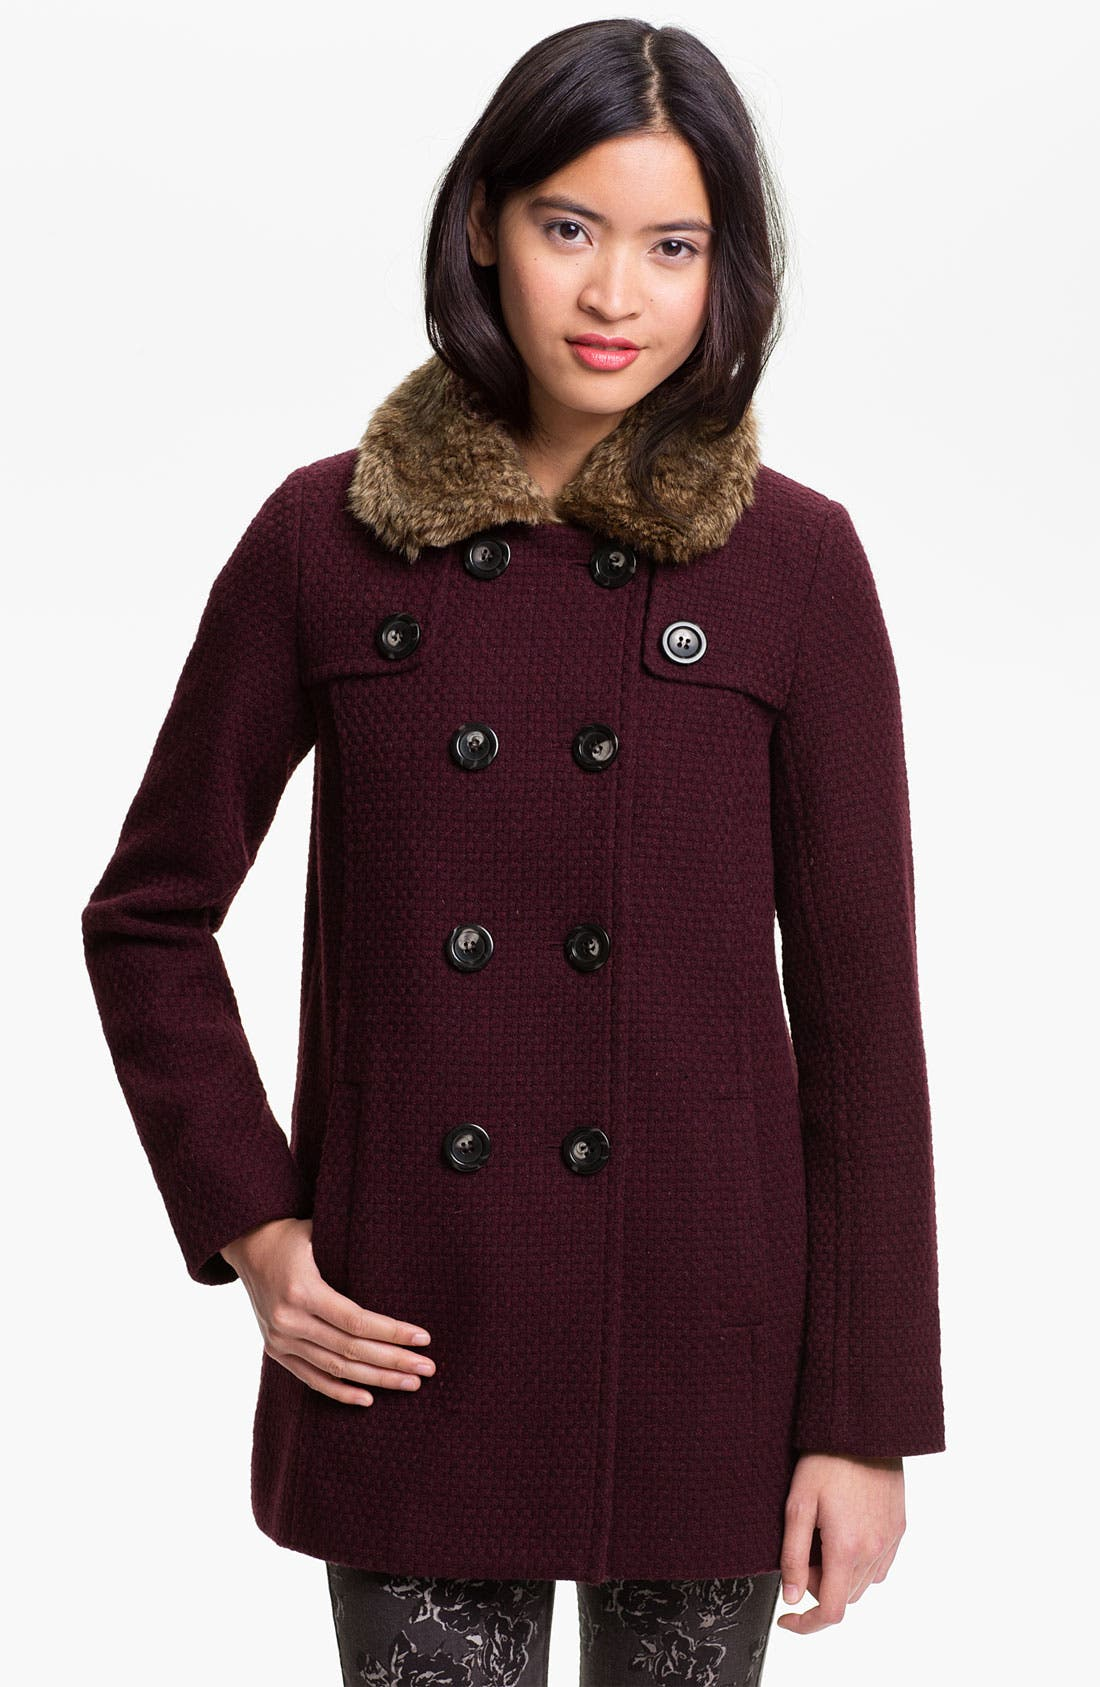 Alternate Image 1 Selected - BP. Faux Fur Collar Coat (Juniors)